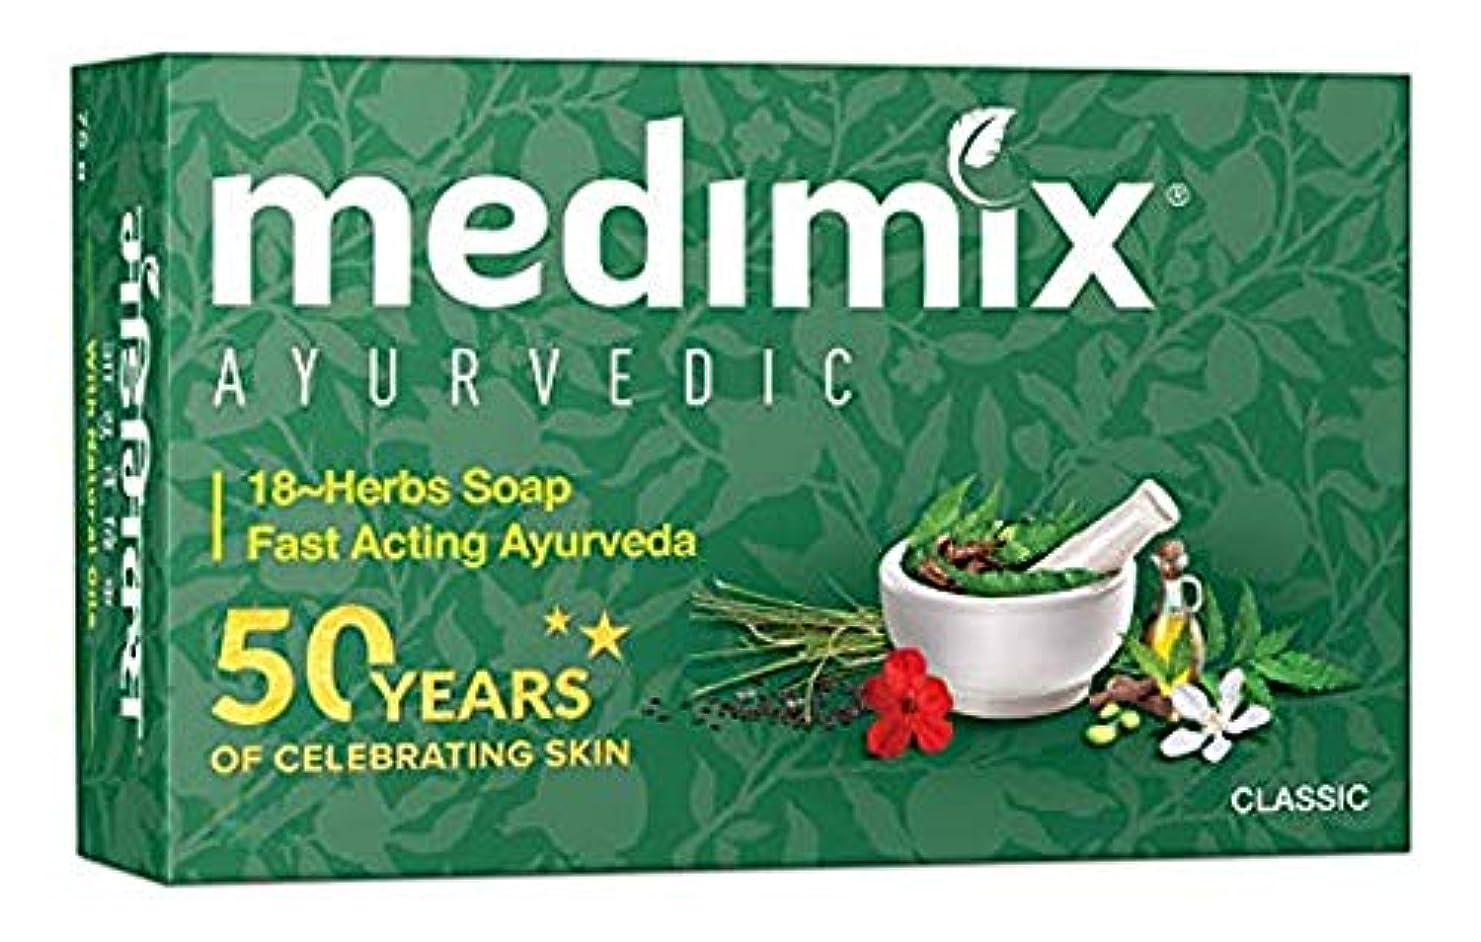 バッテリープランターガロンMEDIMIX メディミックス アーユルヴェーダ石鹸 18ハーブス3個セット(medimix classic 18-HERB AYURVEDA) 125g